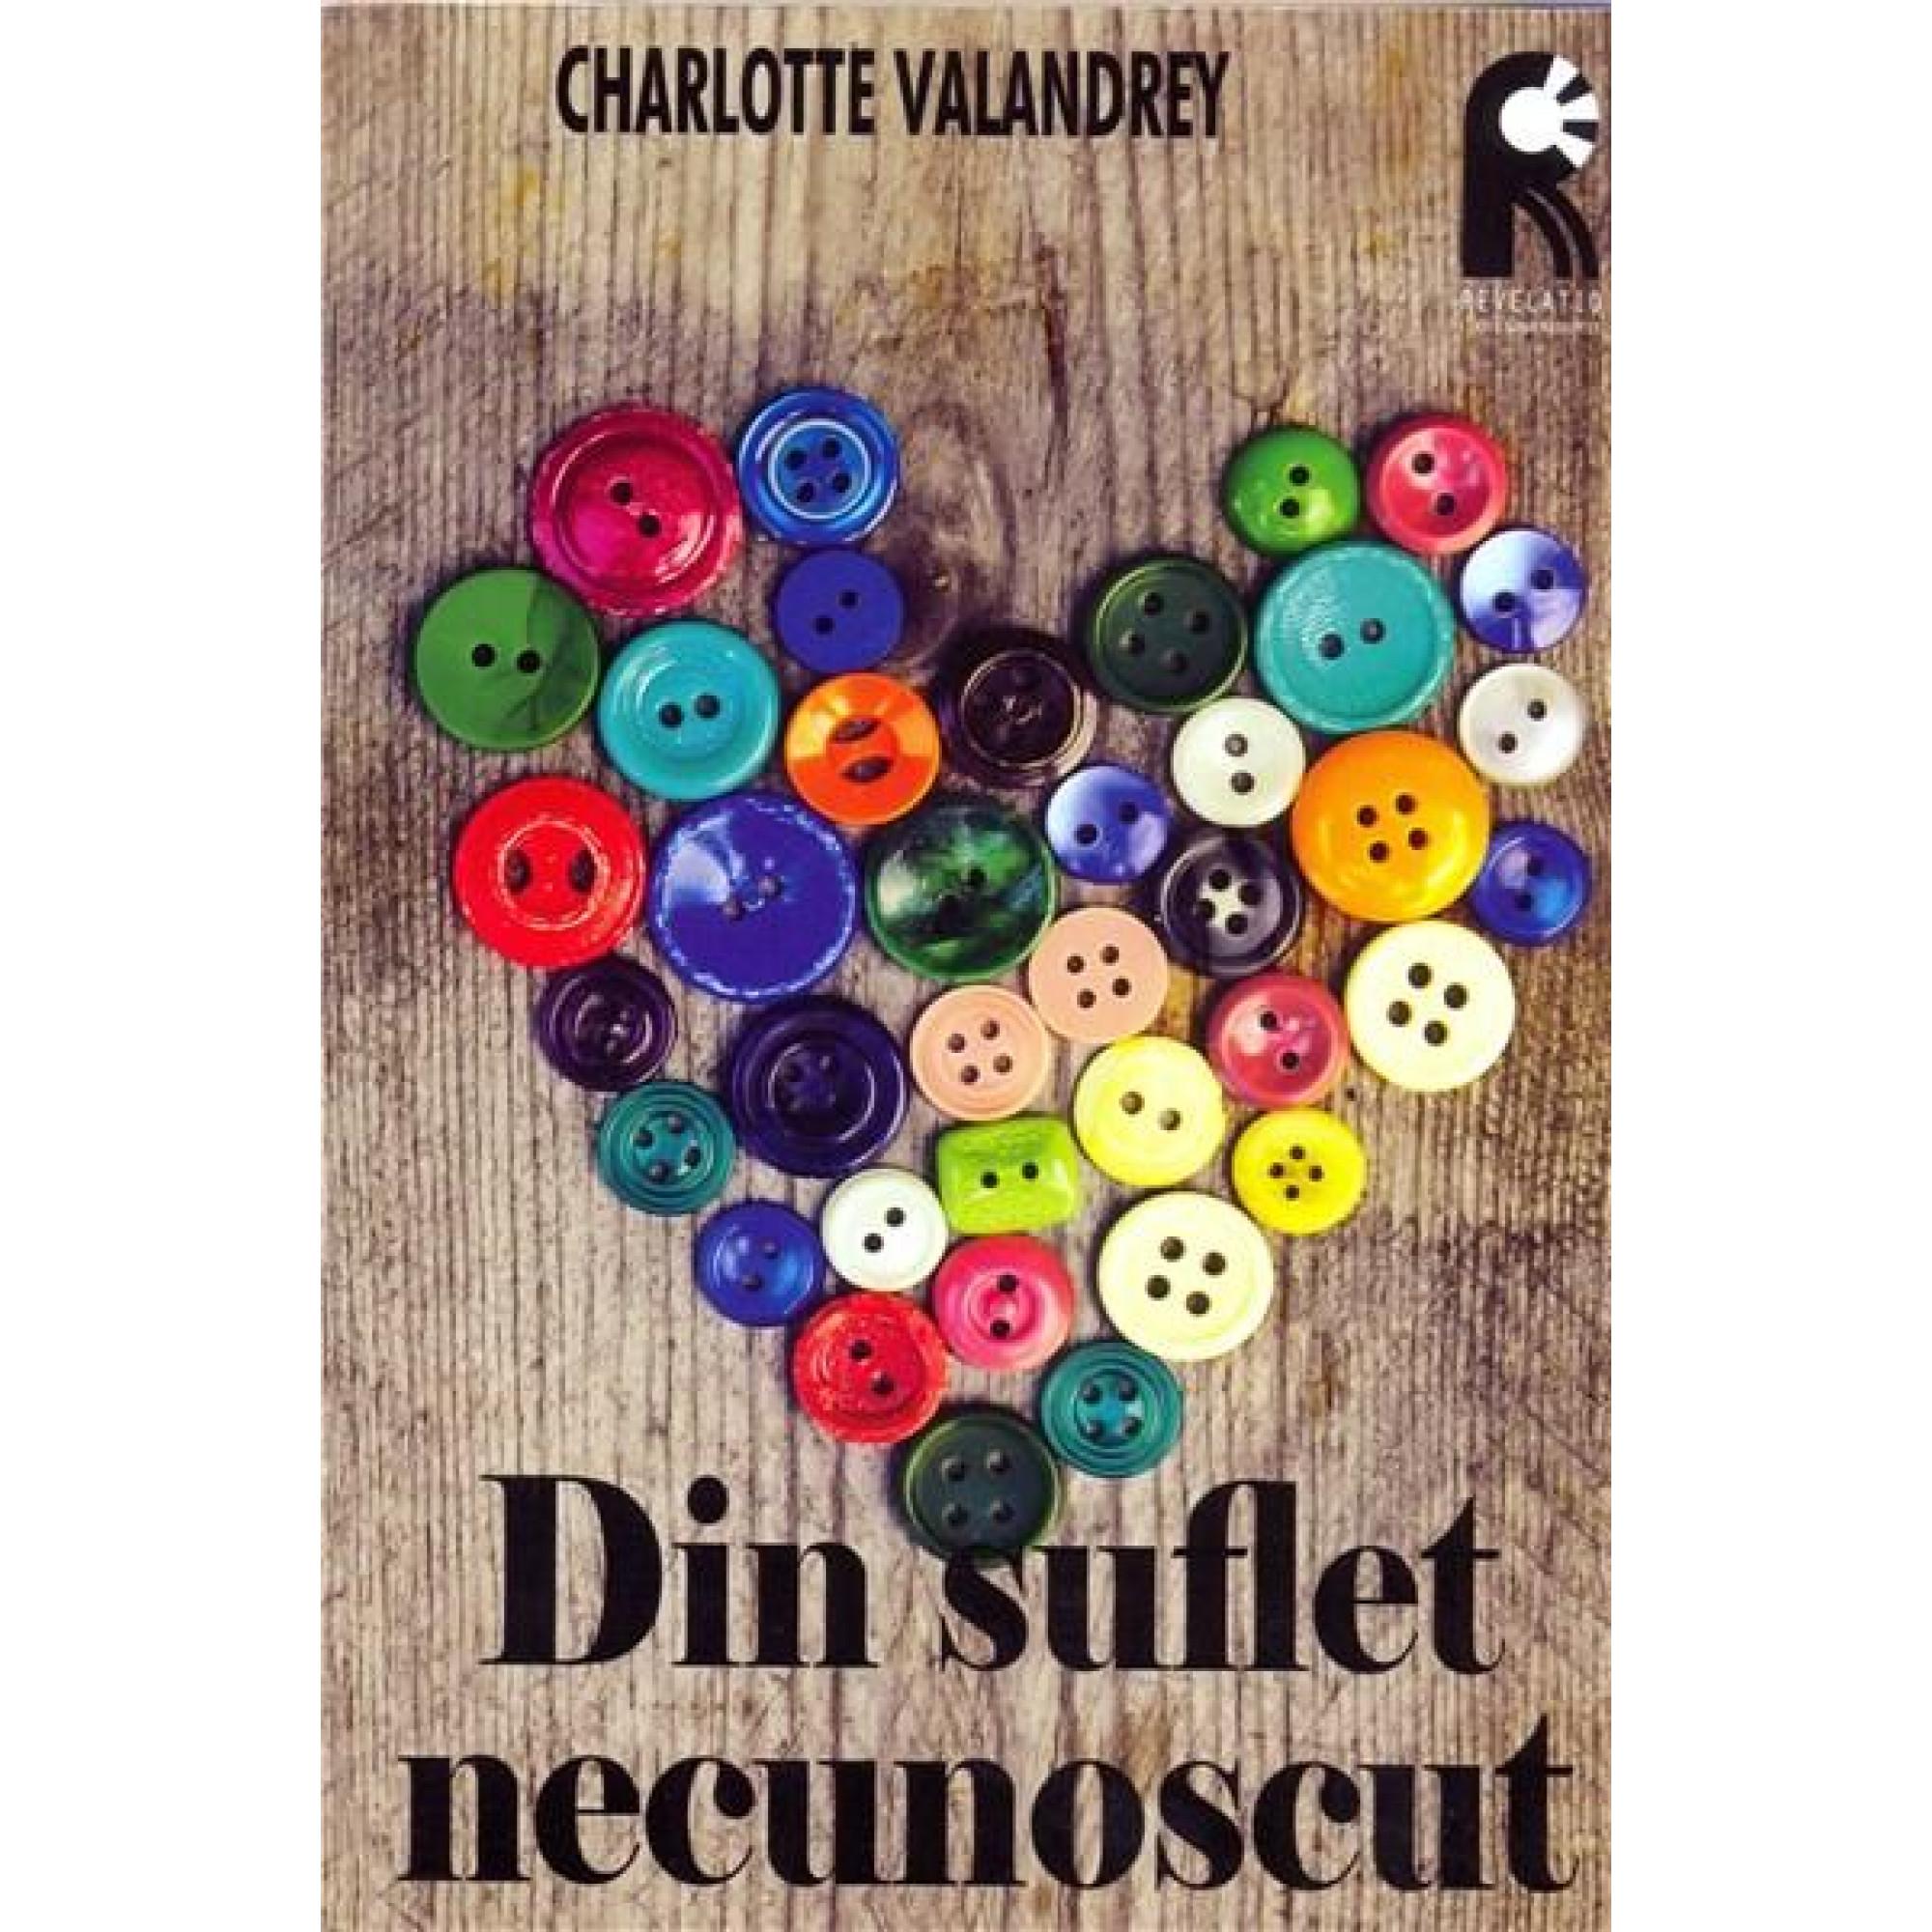 Din suflet necunoscut; Charlotte Valandrey și Jean Arcelin